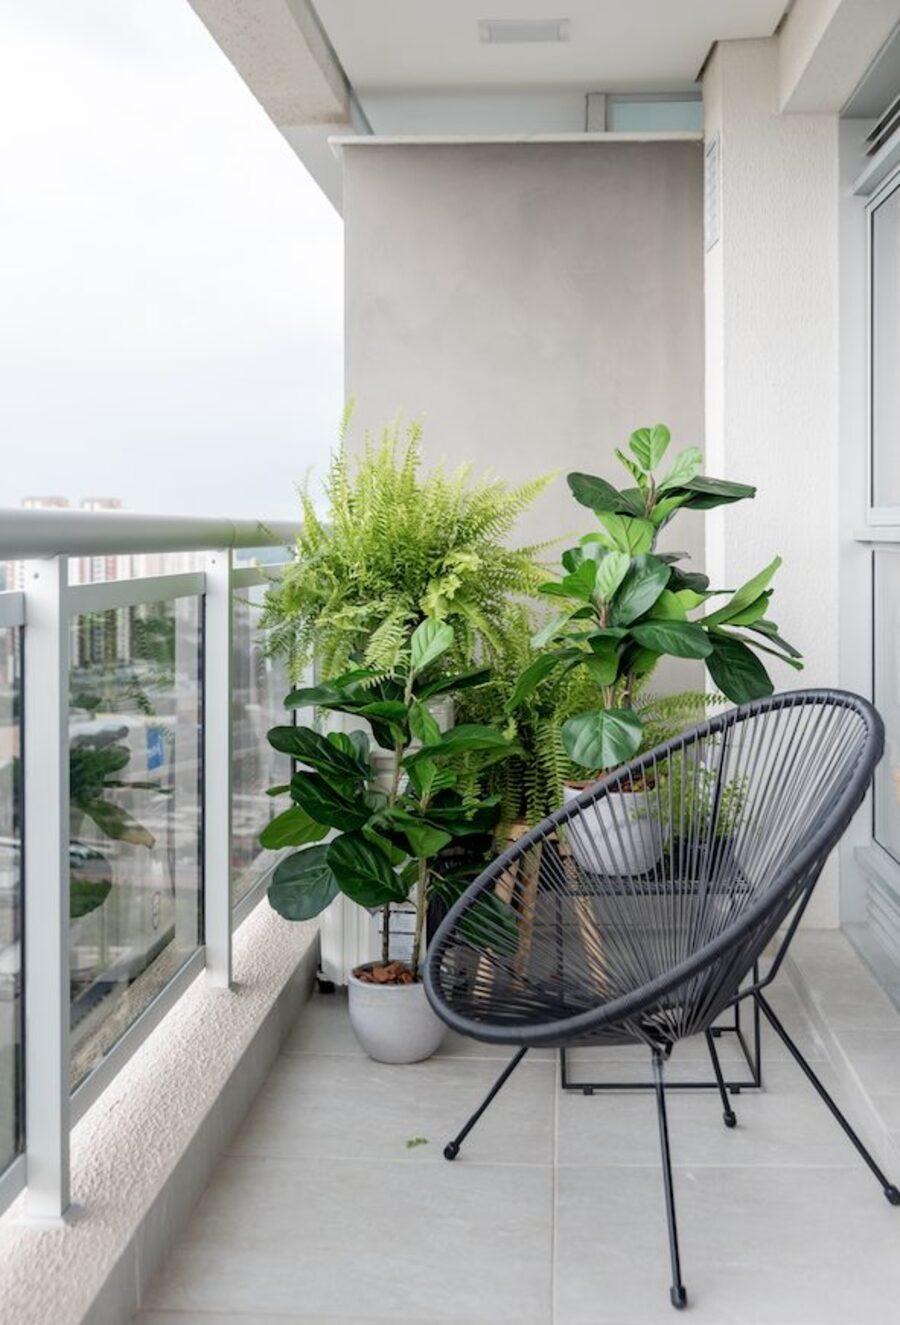 Muchas plantas en el balcón.